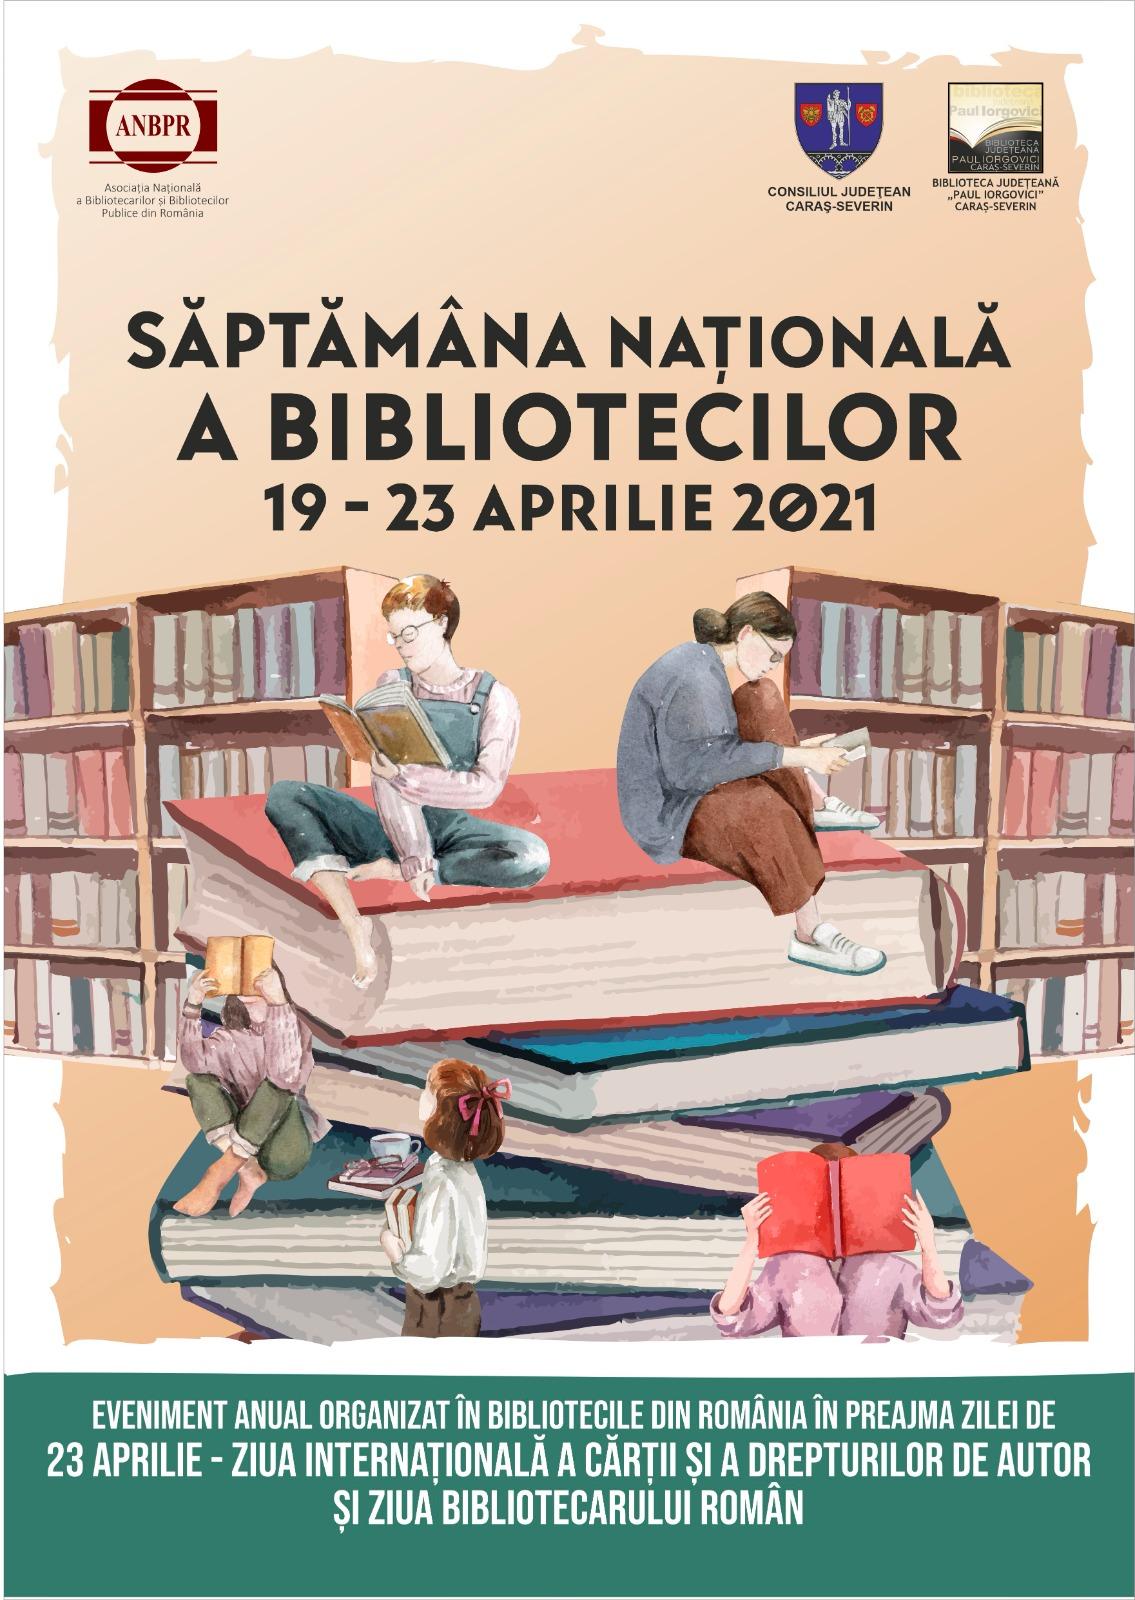 Saptamana Nationala a Bibliotecilor